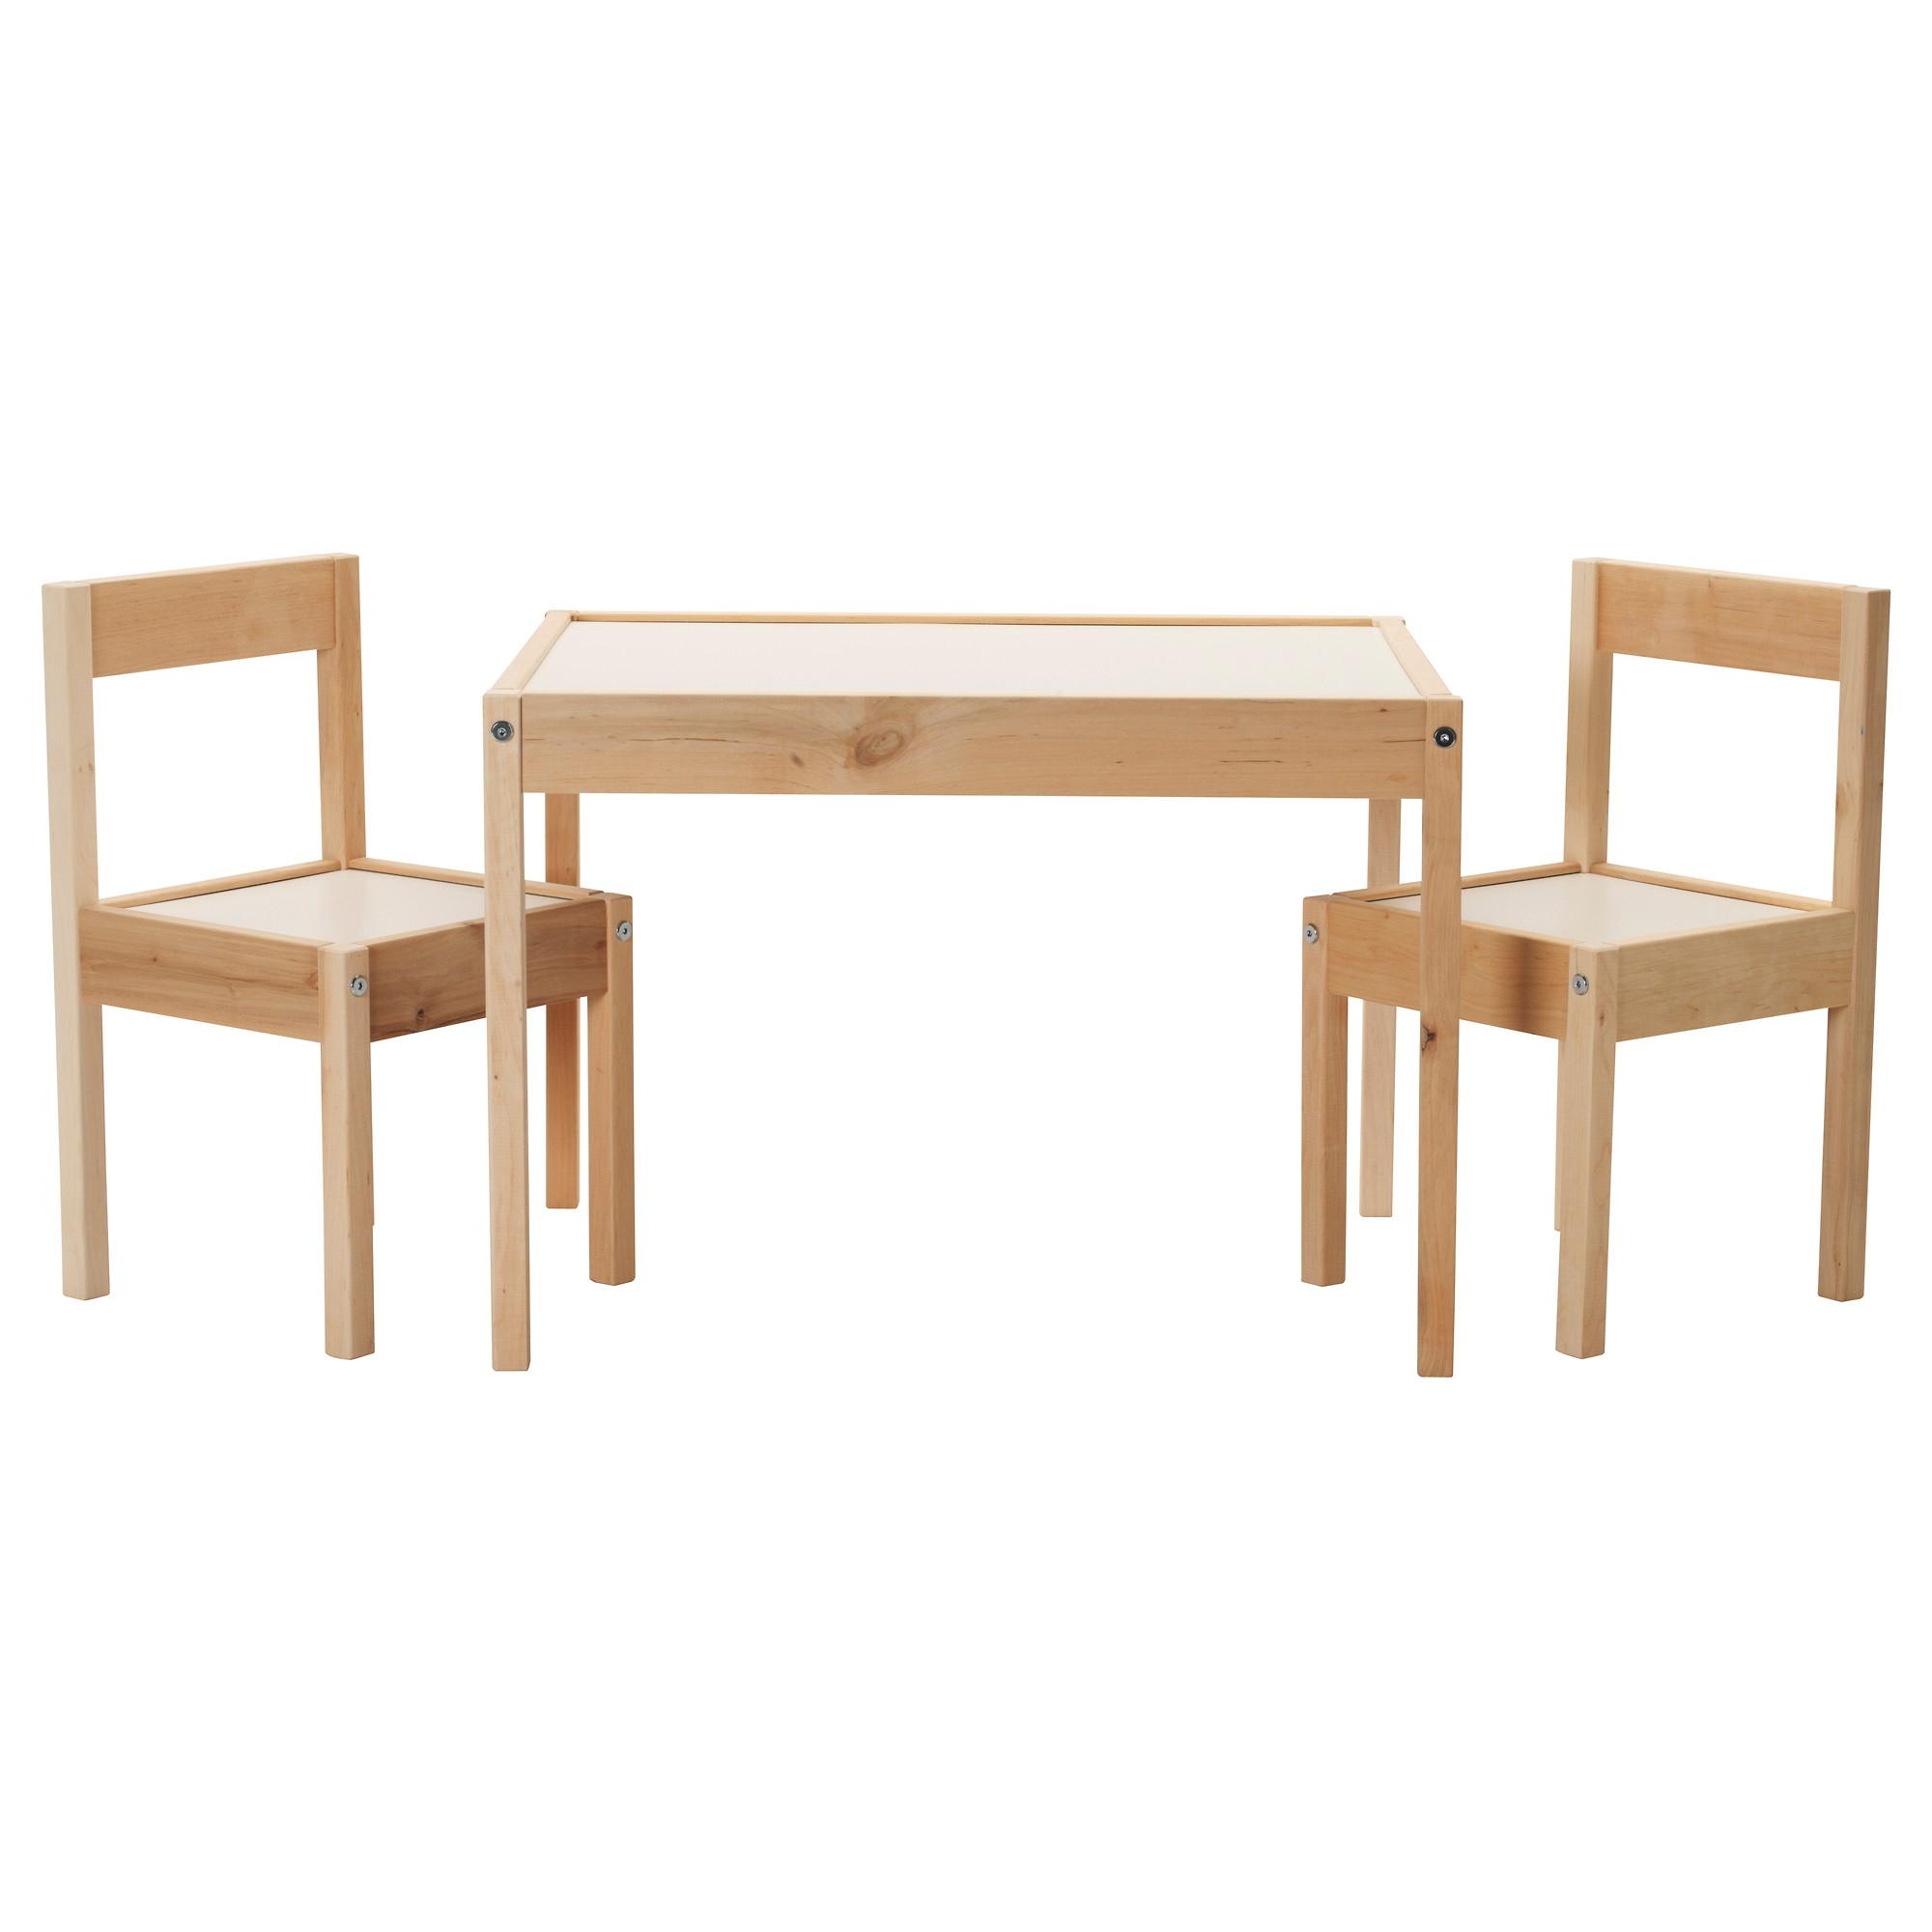 L tt mesa para ni os con 2 sillas - Mesas y sillas de ikea ...